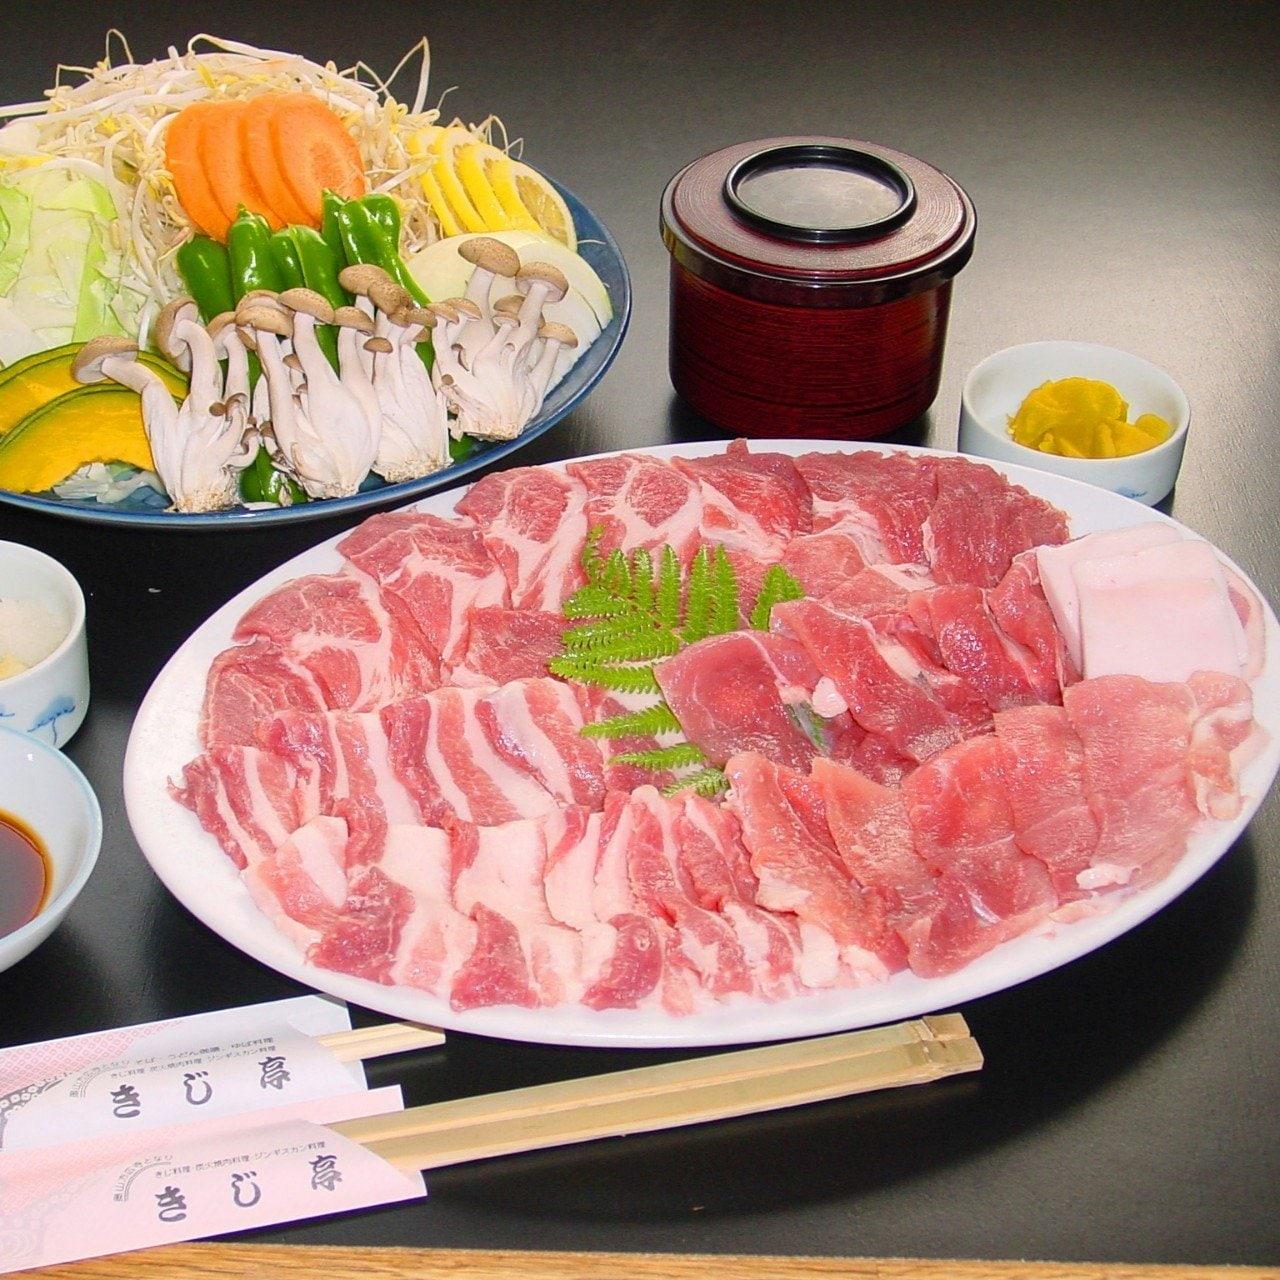 きじ亭(きじてい)/✿奥浜名湖 奥山半僧坊となり。きじ料理!そば!うどん!ジンギスカン!等を提供しています♪/いなさマップ「17」のイメージその1